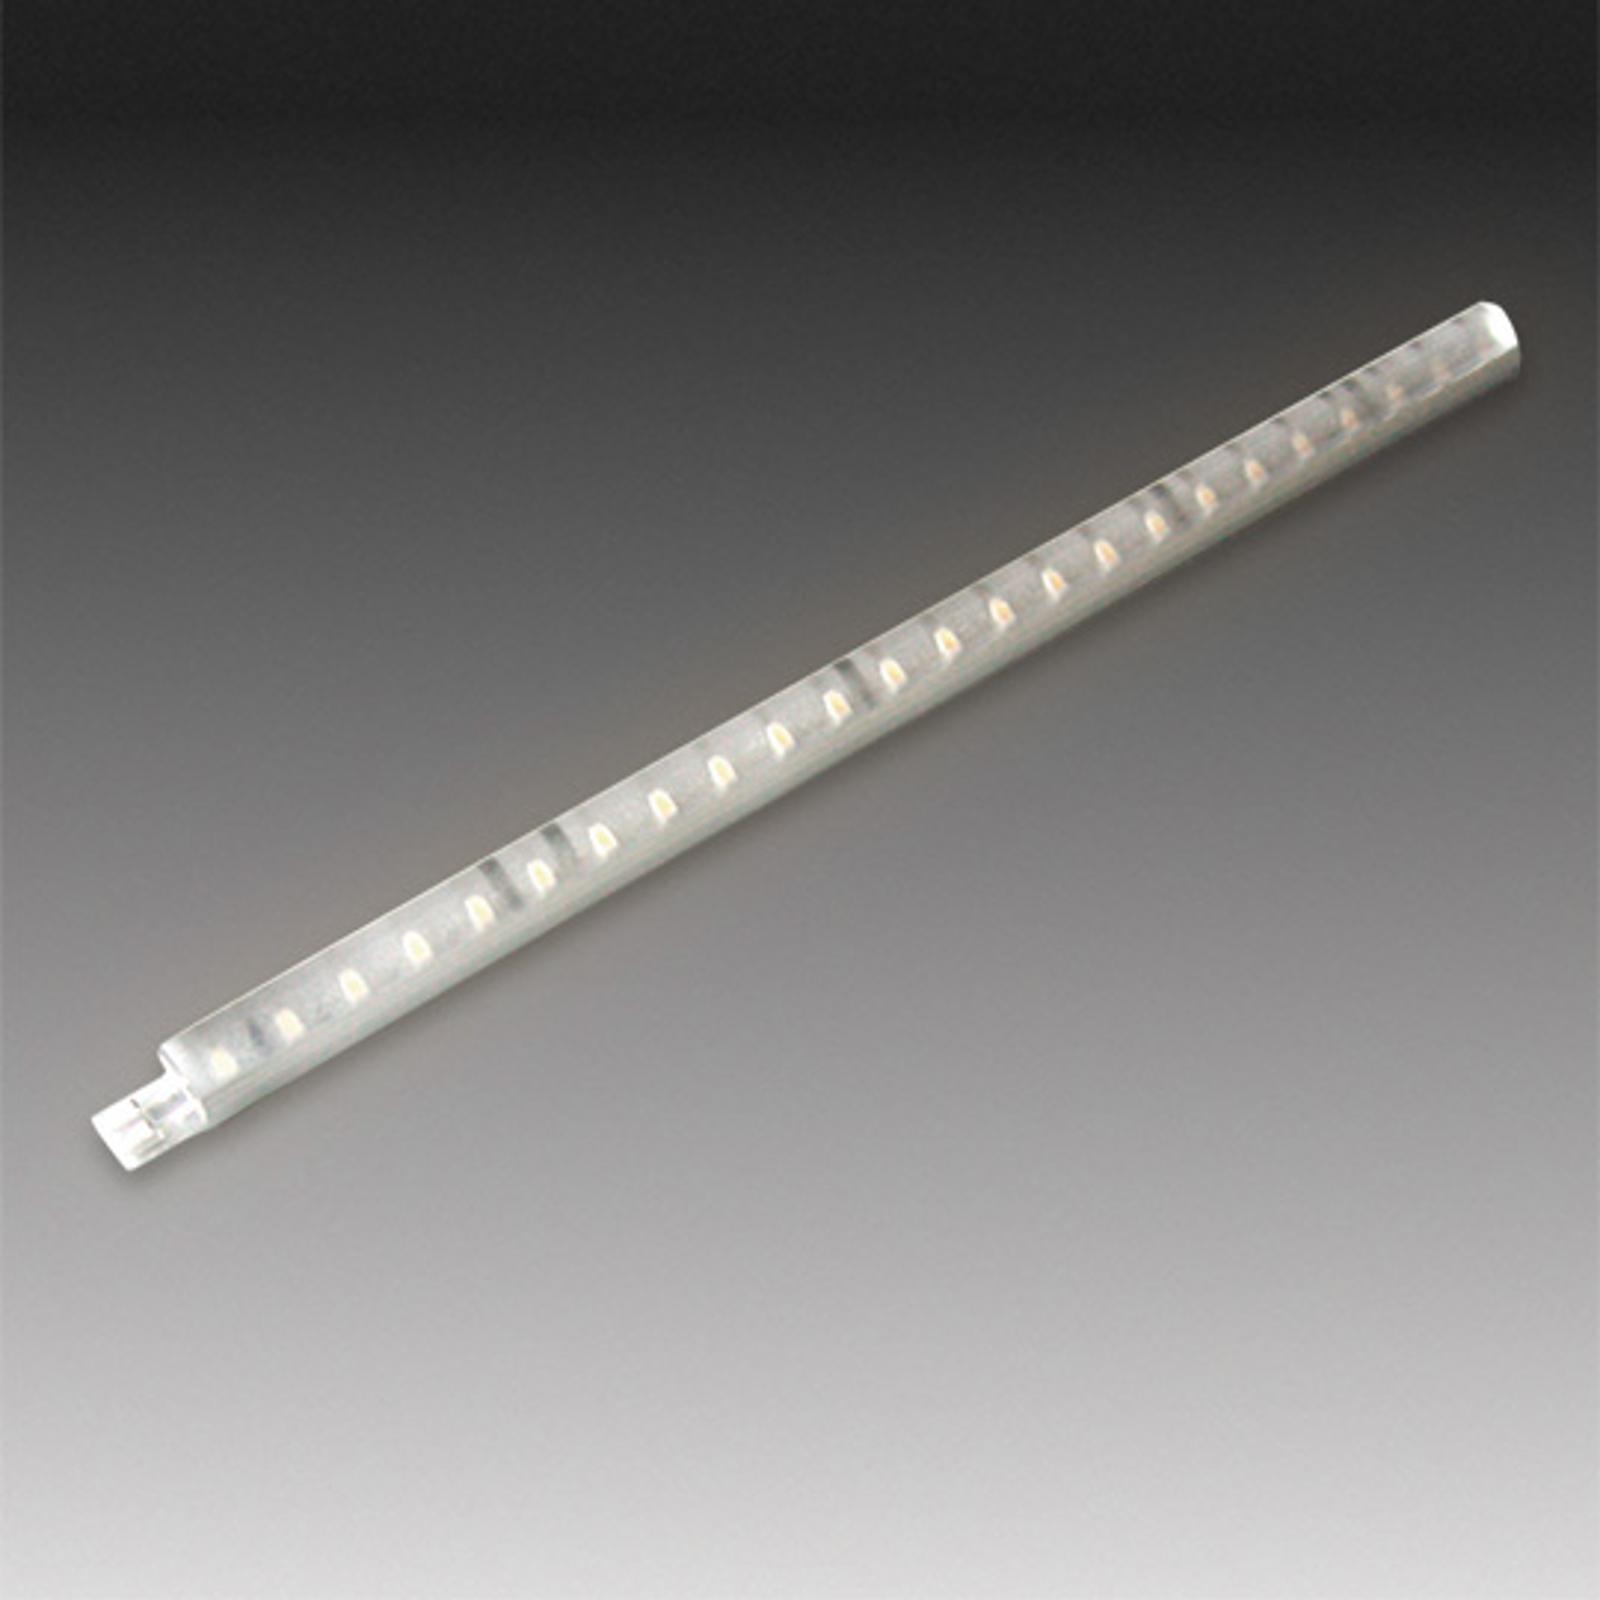 LED STICK 2 pluggbar LED-stav for møbler varmhvit